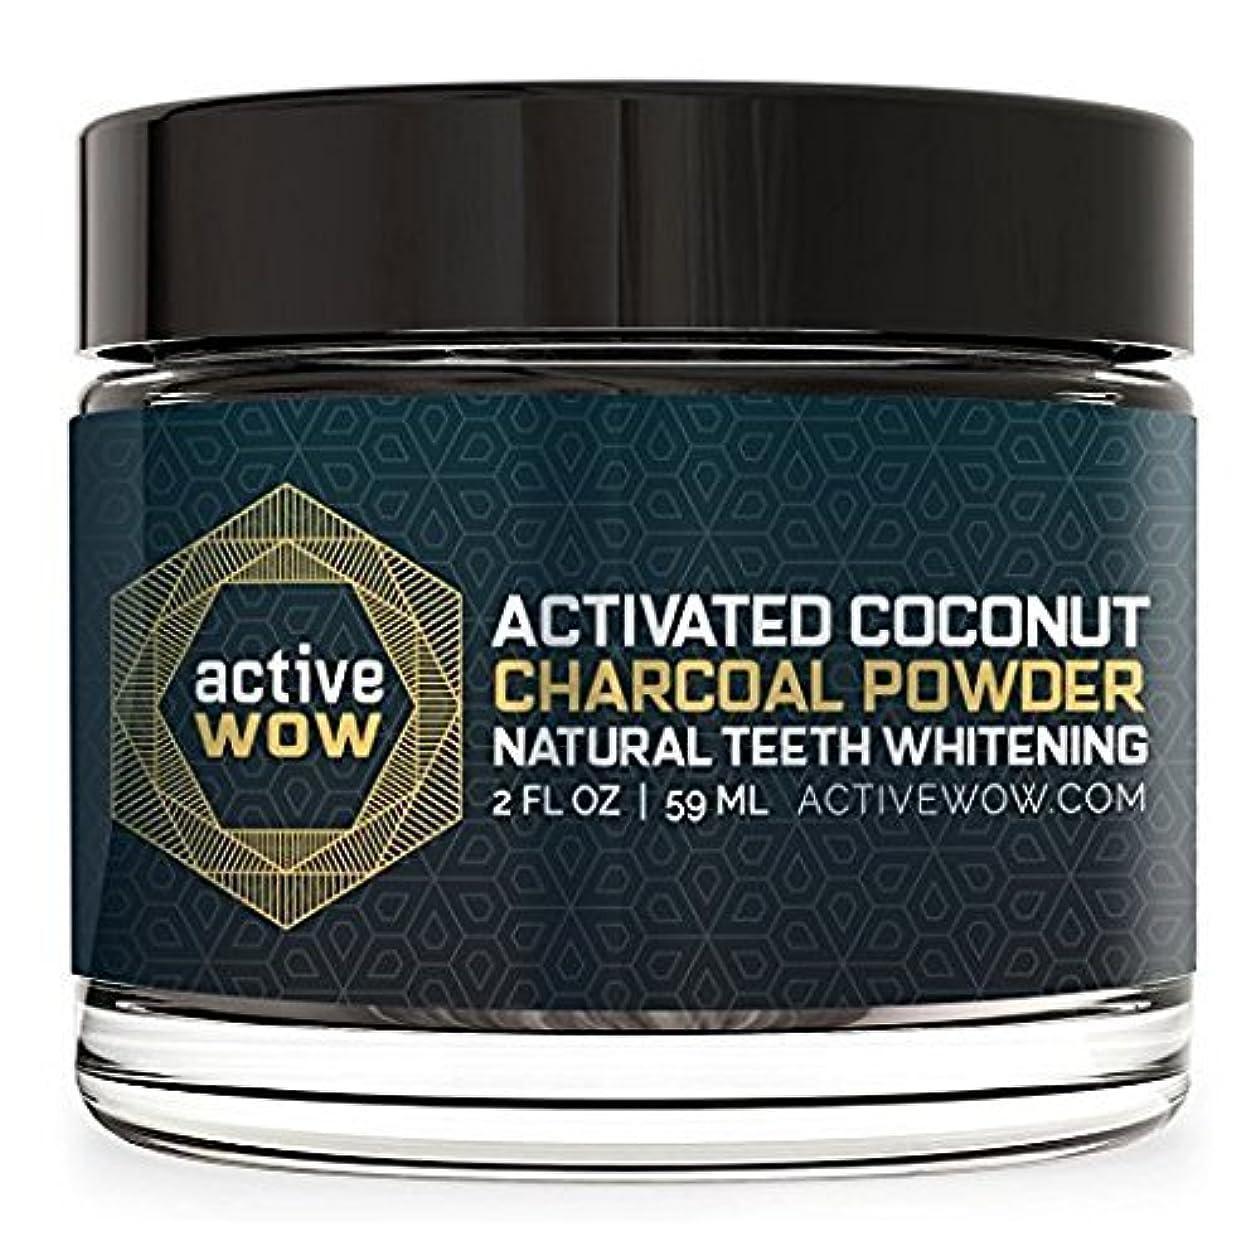 皮肉ないつアルコーブアメリカで売れている 炭パウダー歯のホワイトニング Teeth Whitening Charcoal Powder Natural [並行輸入品]